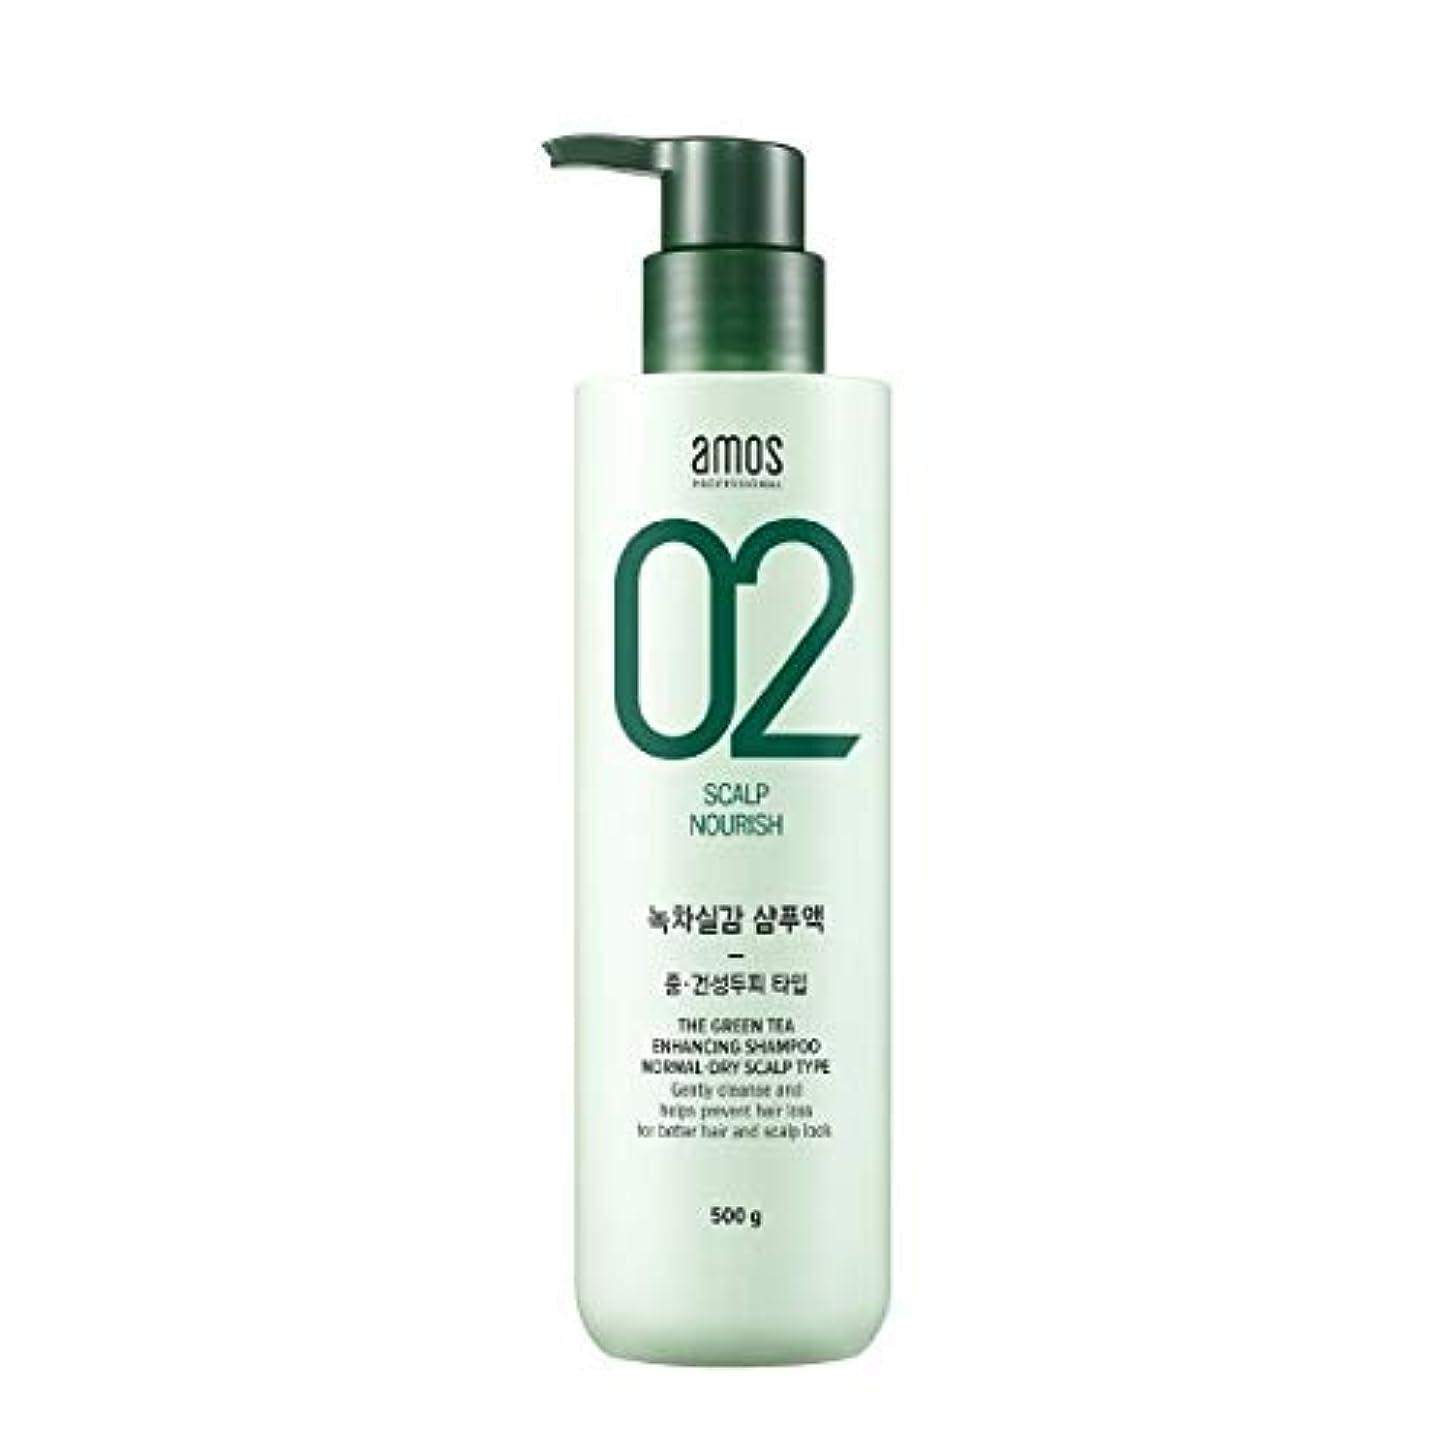 個性限界蒸し器Amos Green Tea Enhancing Shampoo - Normal, Dry 500g / アモス ザ グリーンティー エンハンシング シャンプー # ノーマルドライ スカルプタイプ [並行輸入品]